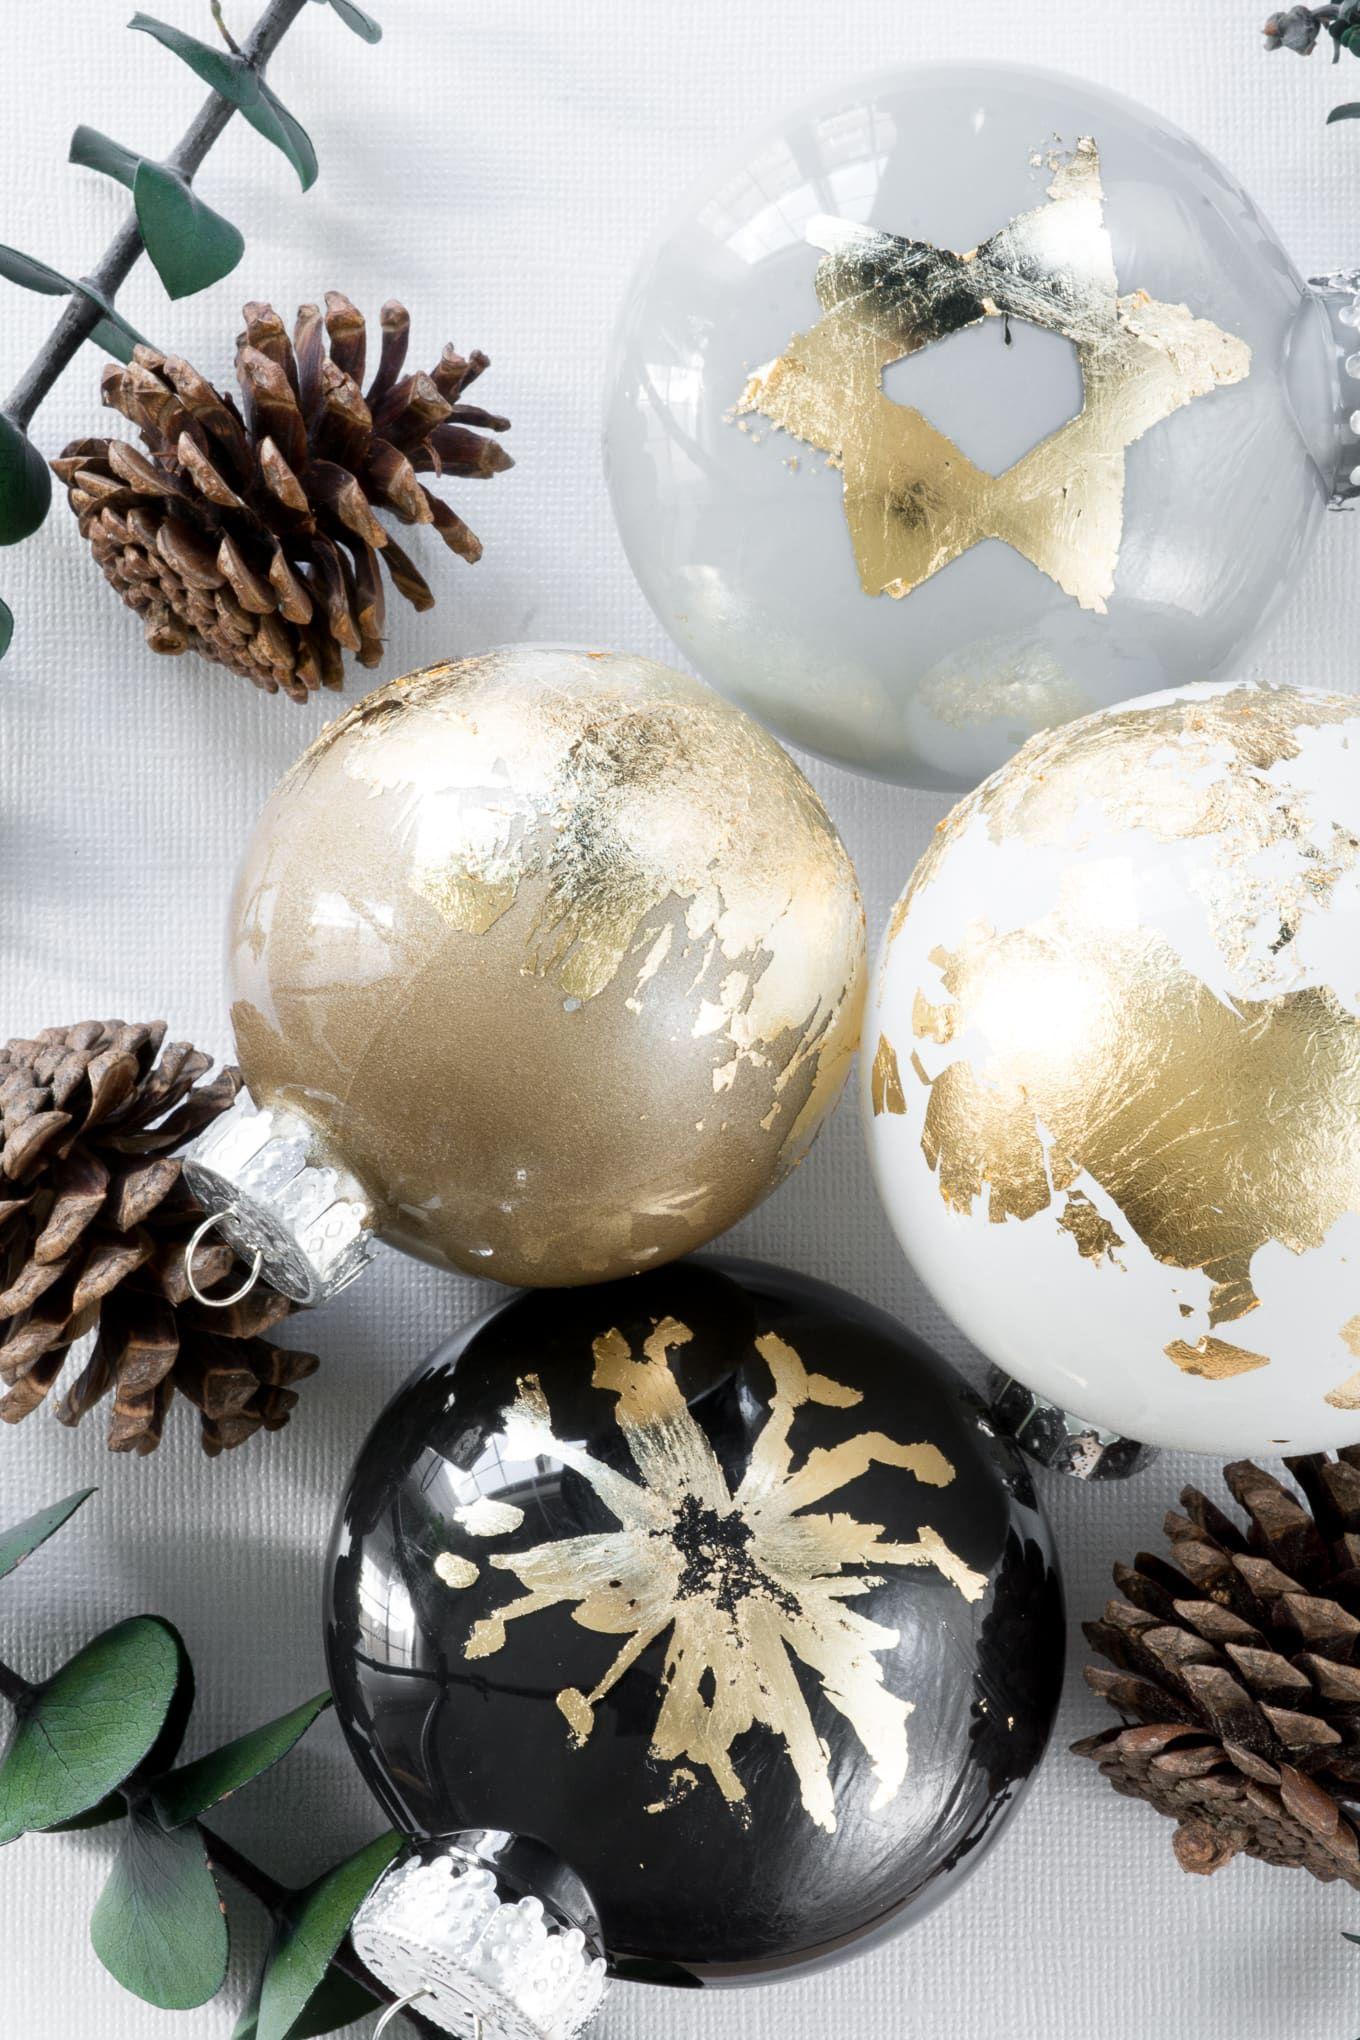 diy gold leaf ornaments christmas christmasornaments diy crafts goldleaf gold leaf diy leaf ornament gold diy diy gold leaf ornaments christmas